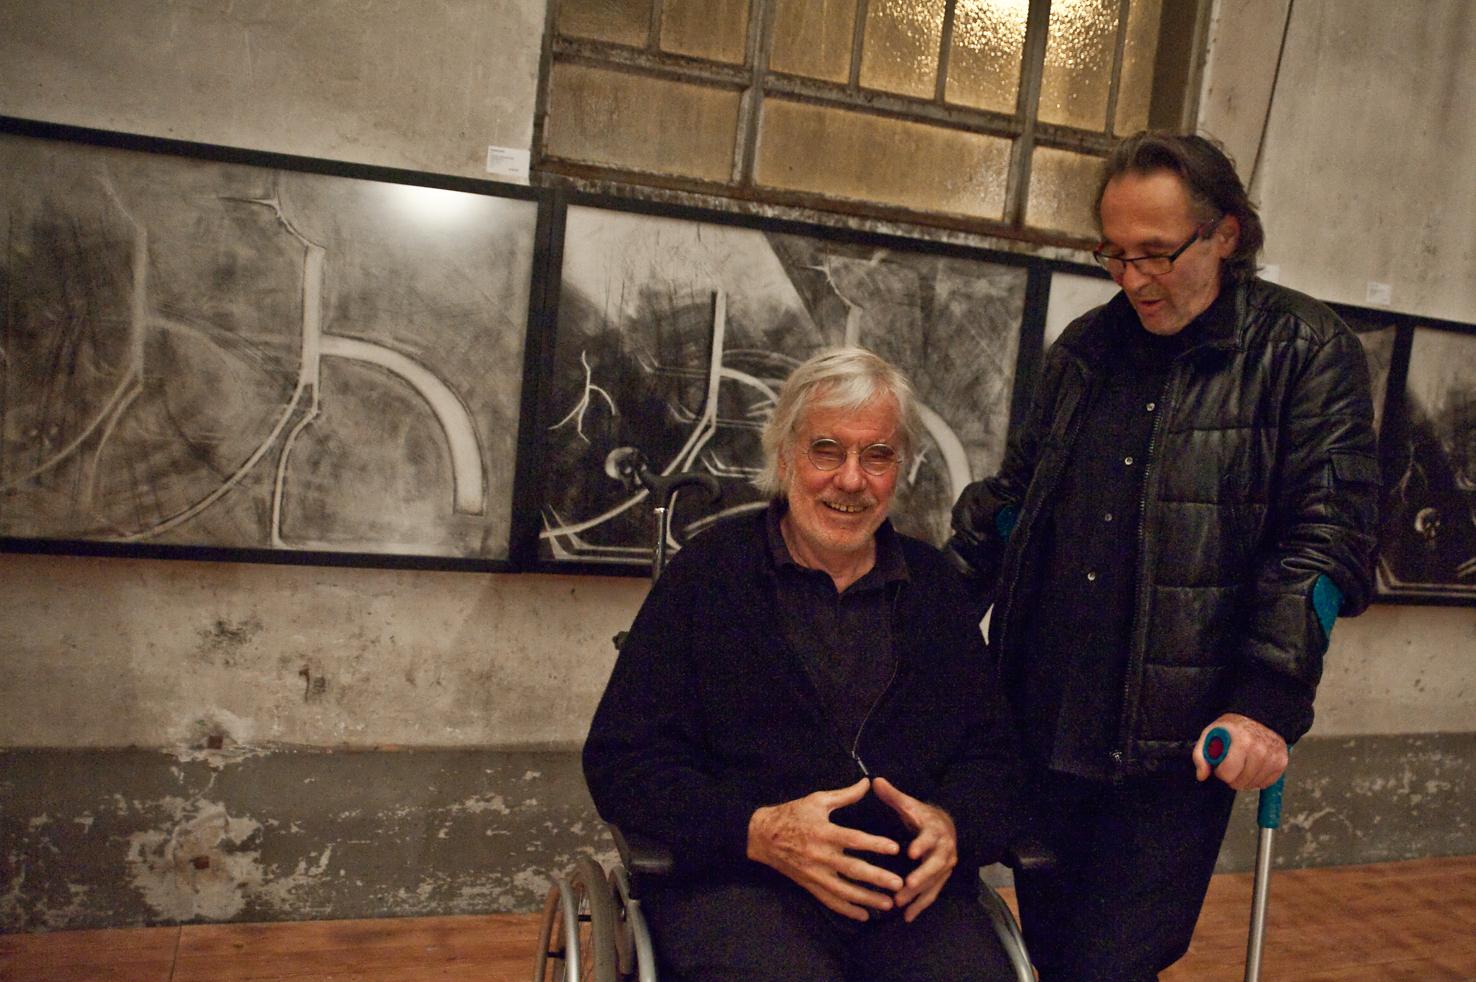 Schang Hutter und Roland Adatte - © Art of Moment, Carmen Weder, Fotografie, Bern, Schweiz